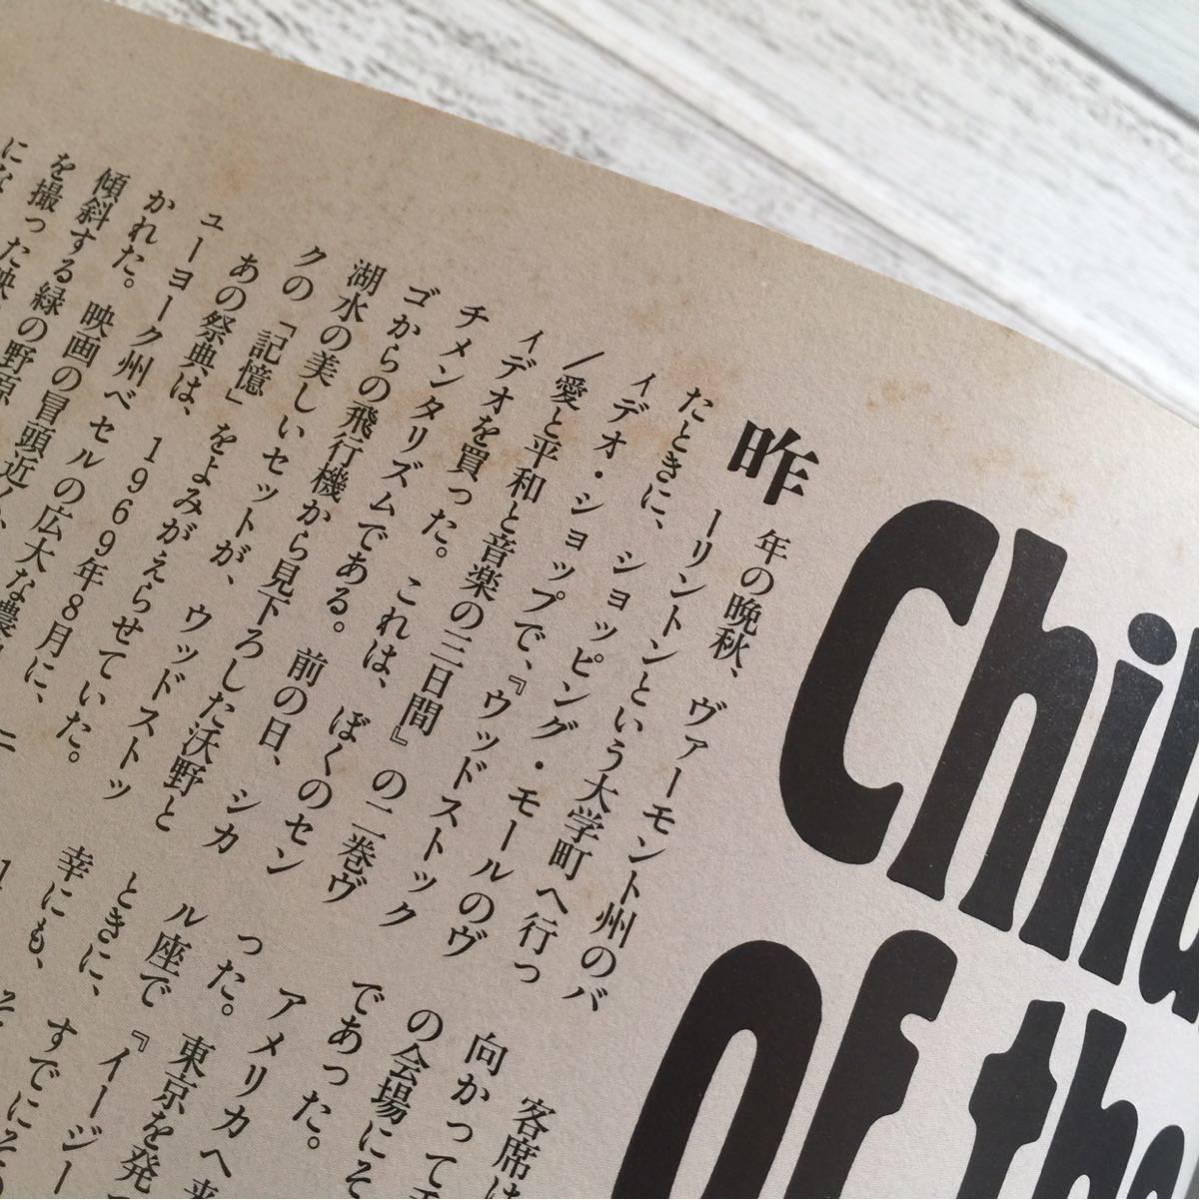 【中古】ESQUIRE エスクァイア 日本版「1960sRevolution」1991年4月 No.7 アンディ・ウォーホル 雑誌 デニスホッパー ヘルズエンジェルズ_画像6